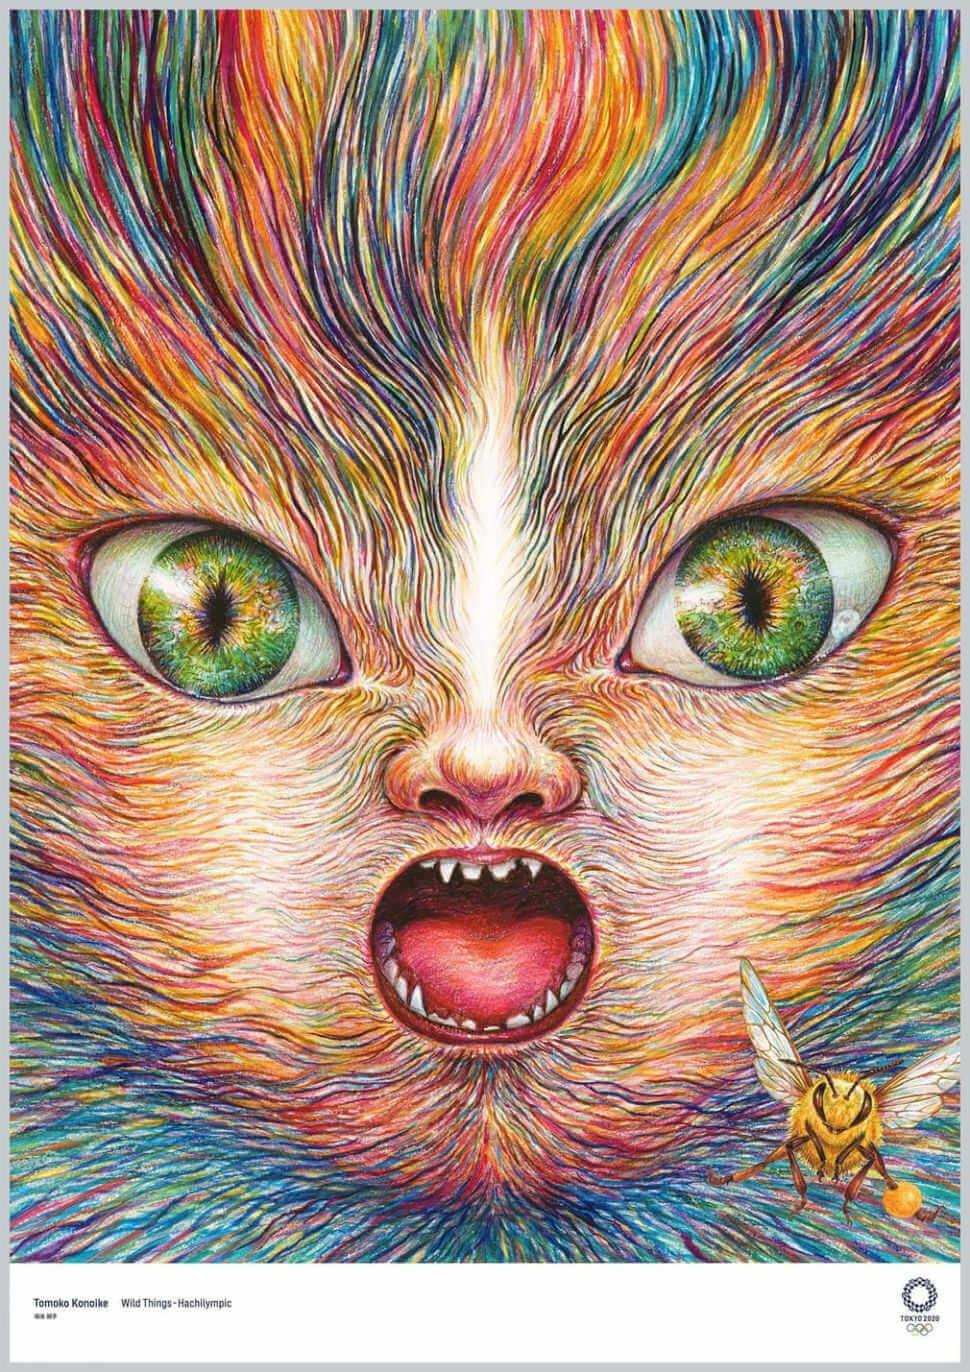 Cartel para los juegos olimpicos de tokio con la cara de un gato de colores hecho por Tomoko Konoike